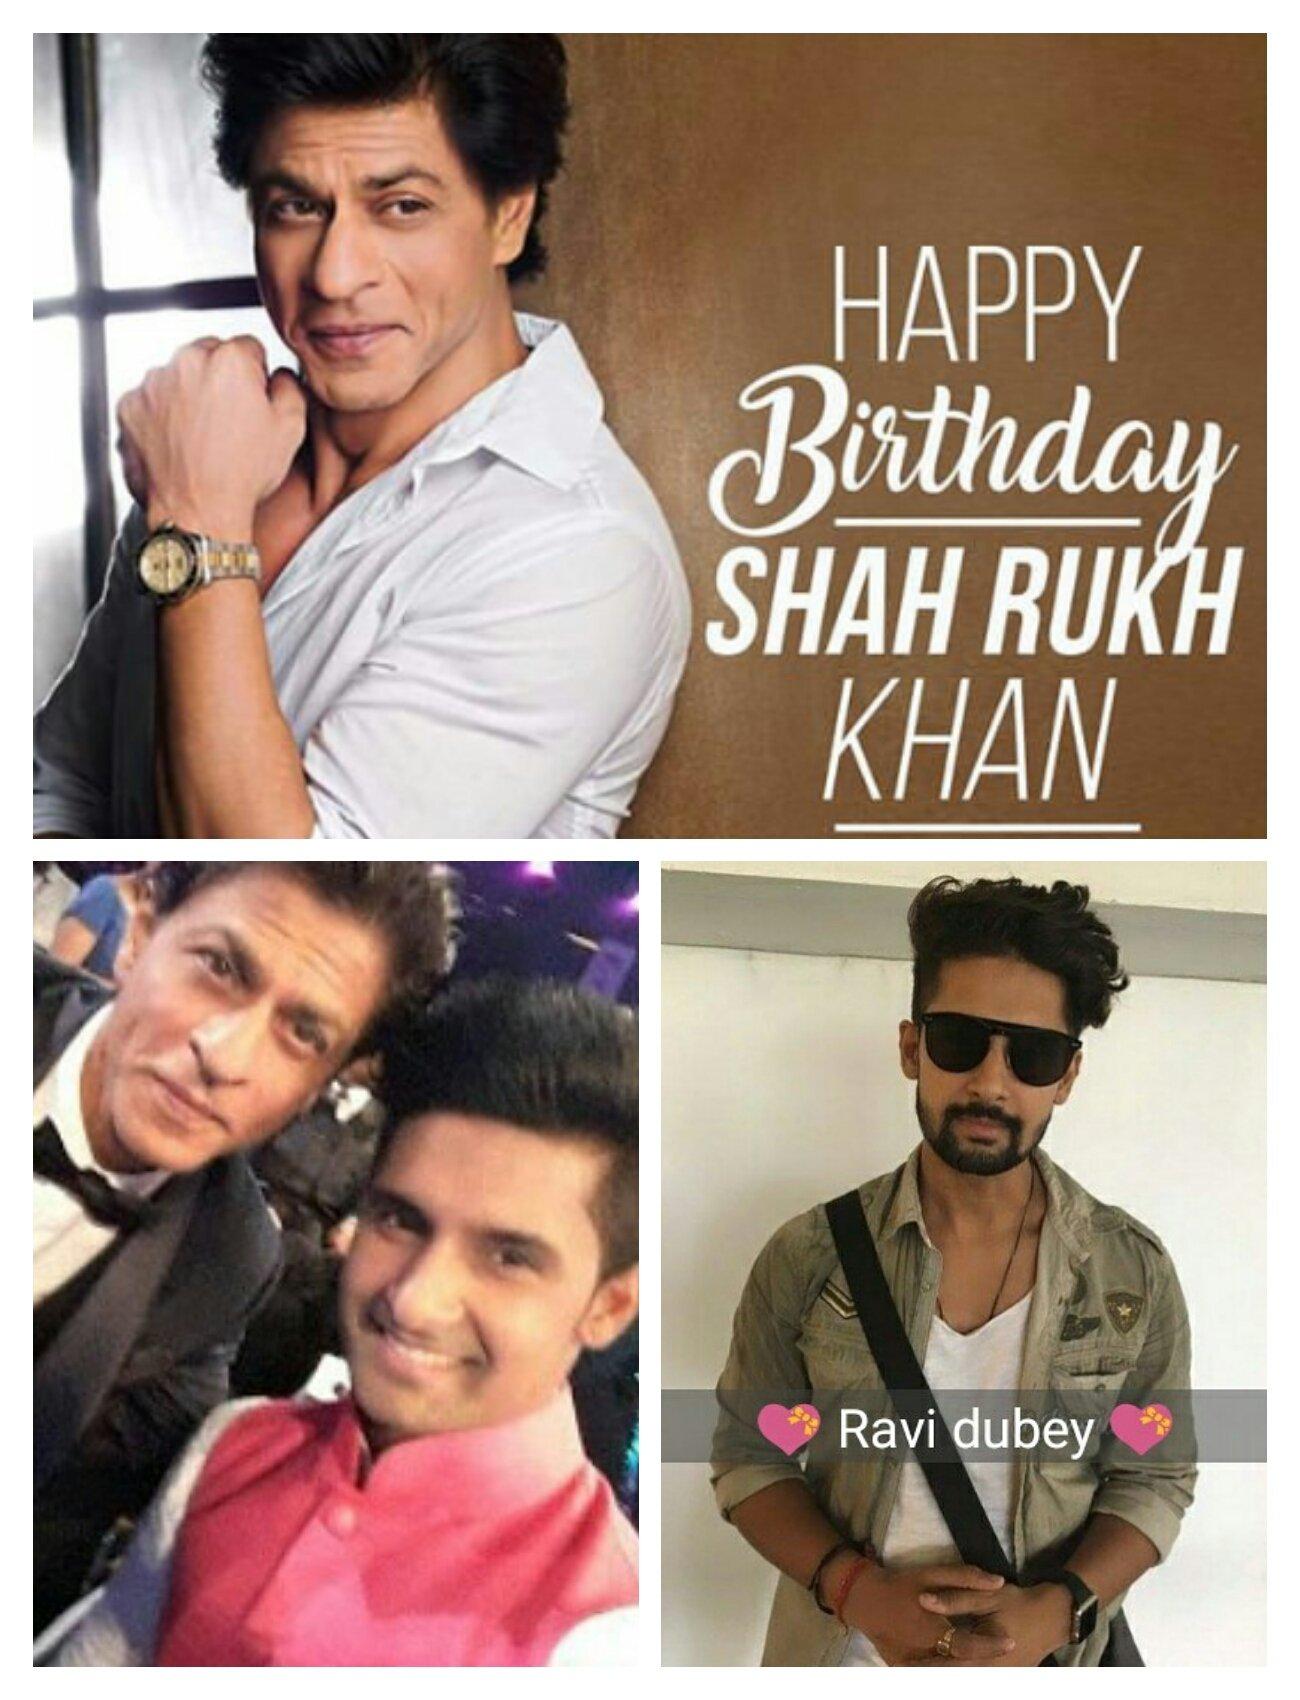 Shahrukh Khan's Birthday Celebration   HappyBday to